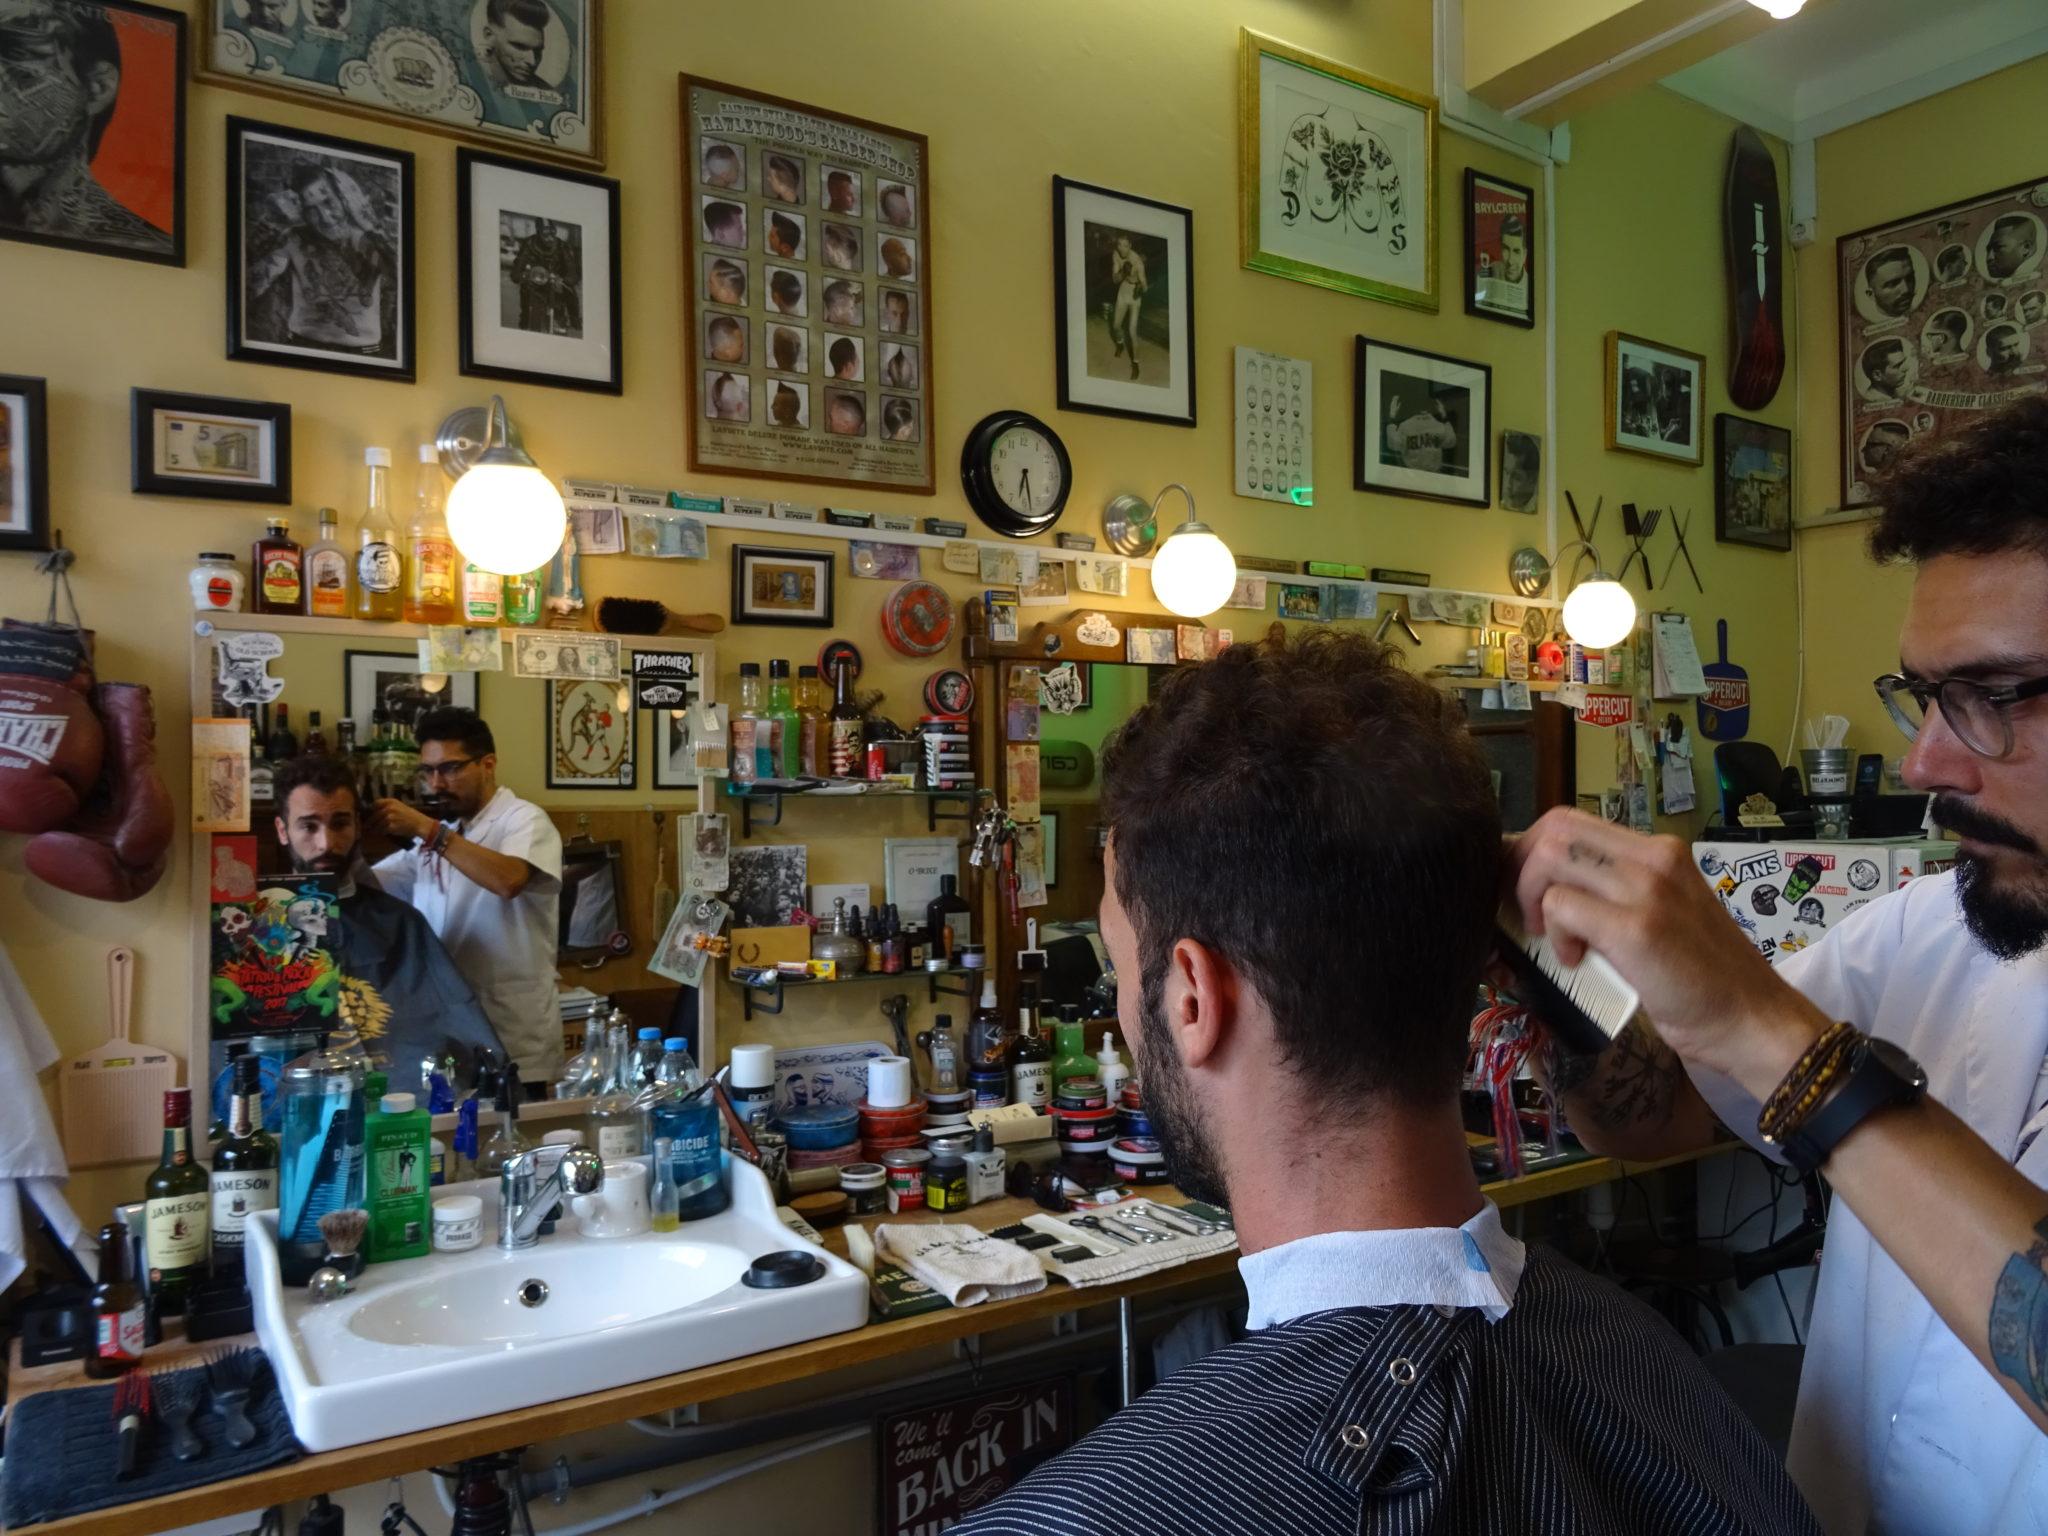 barber shop barbershop vintage classic haircut lisboa lisbon men barbe hair hairstyle